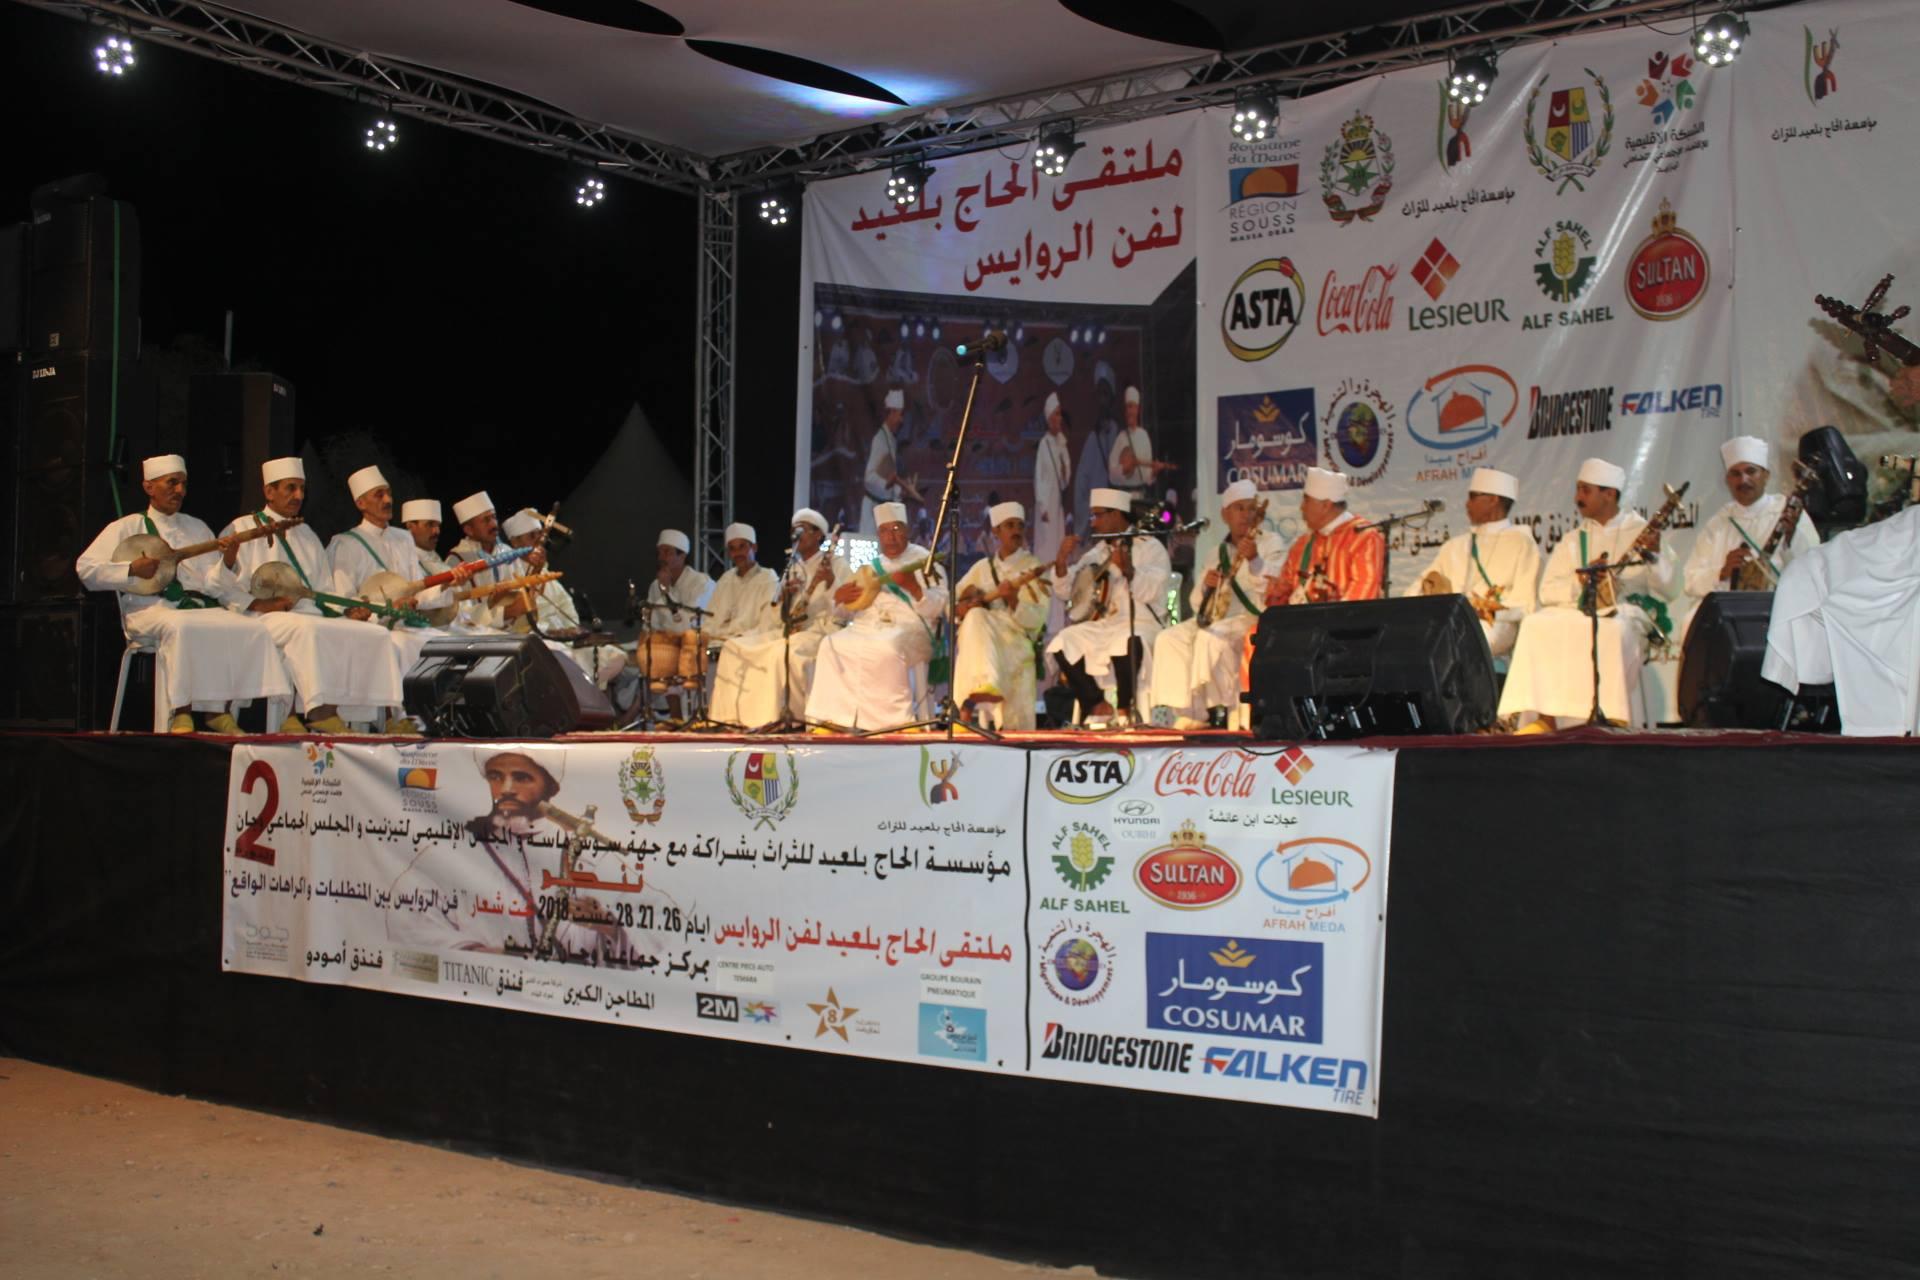 بالصور ..اختتام فعاليات مهرجان ملتقى الحاج بلعيد لفن الروايس بوجان في دورته الثانية